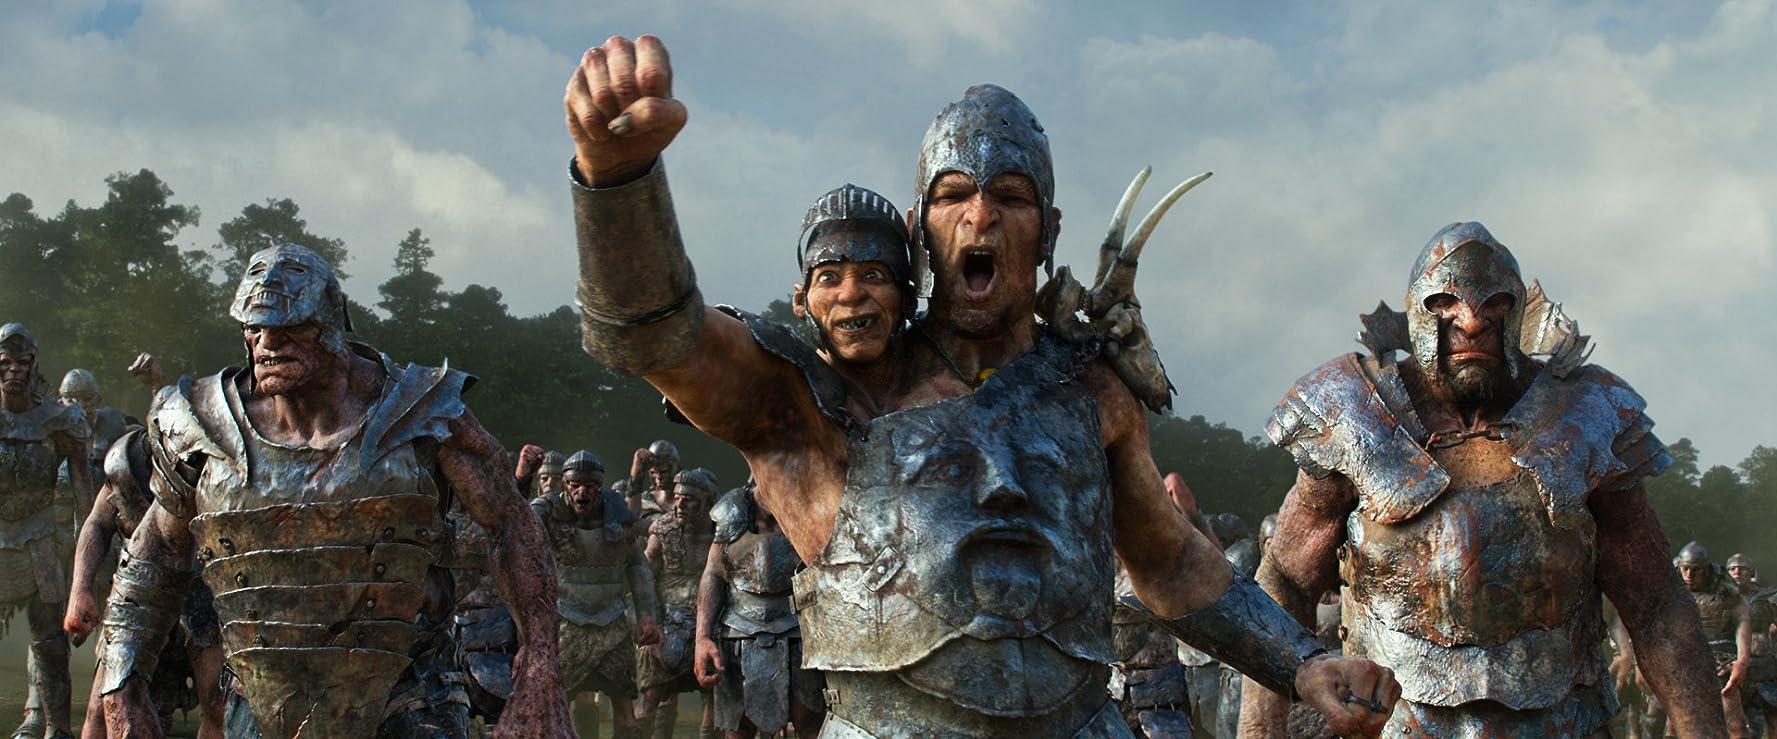 Film Jack The Giant Slayer 2013 Tribunnewswiki Com Mobile